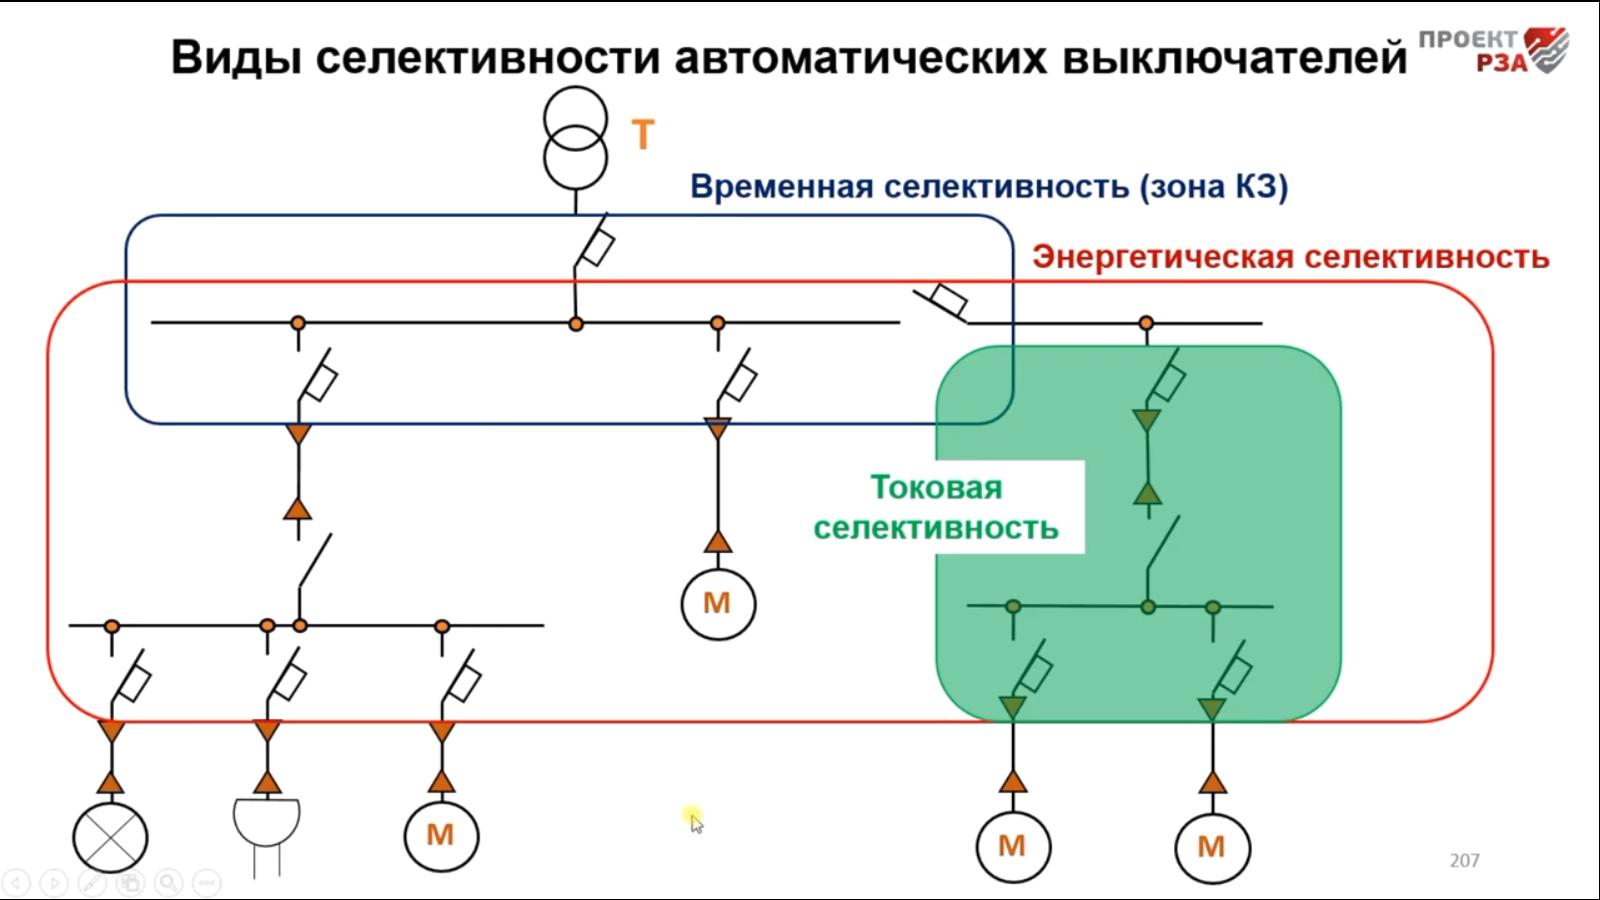 Селективность автоматических выключателей 0,4 кВ